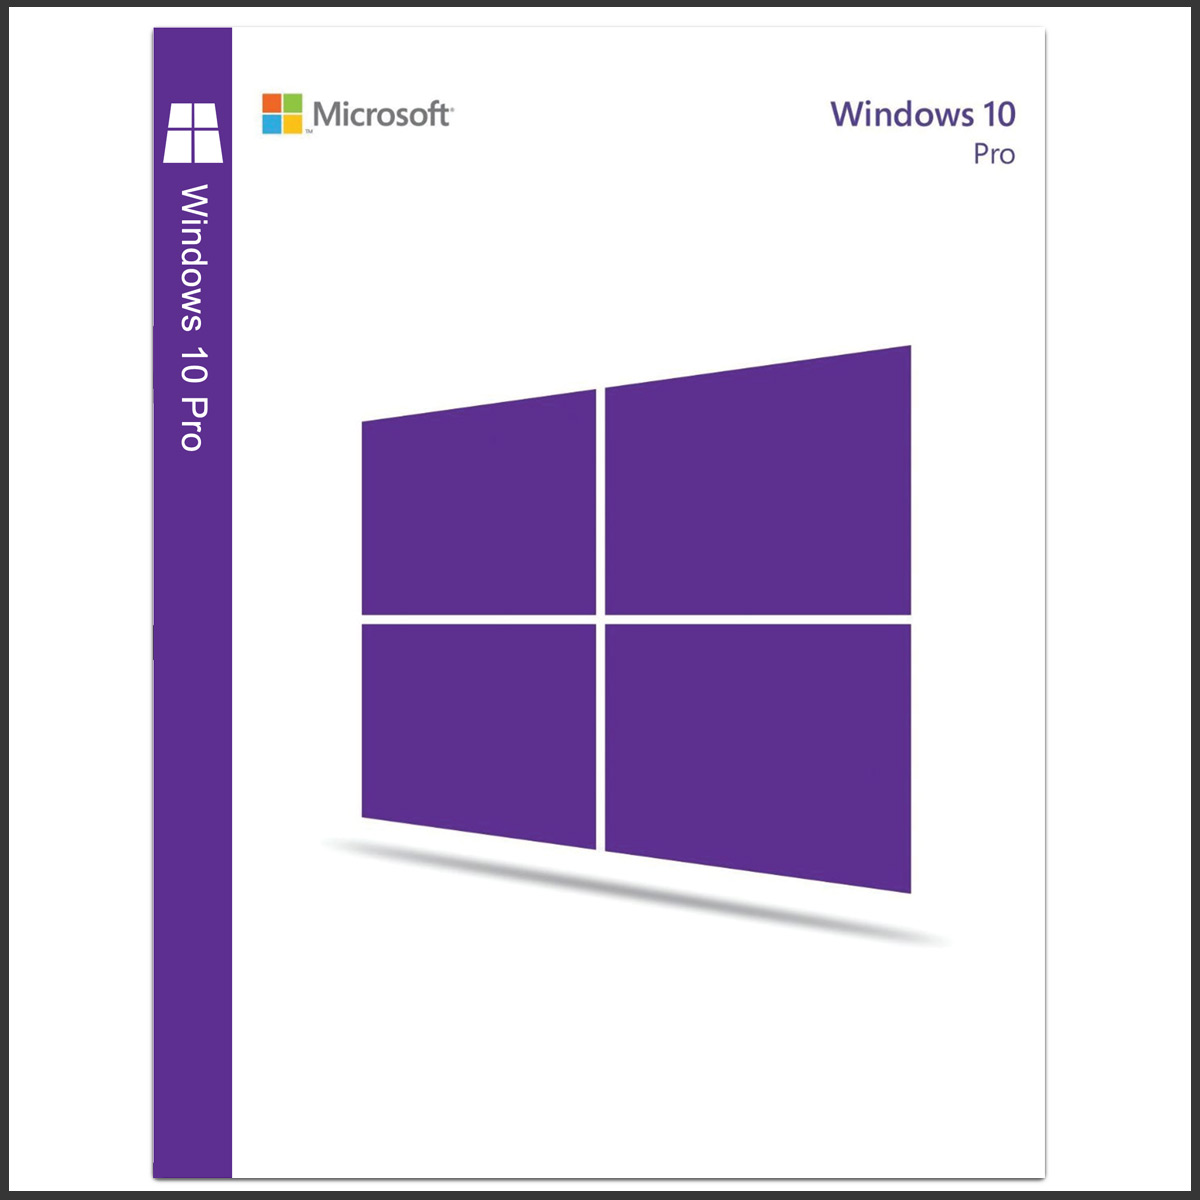 مایکروسافت ویندوز ۱۰ نسخه پرو- لایسنس OEM